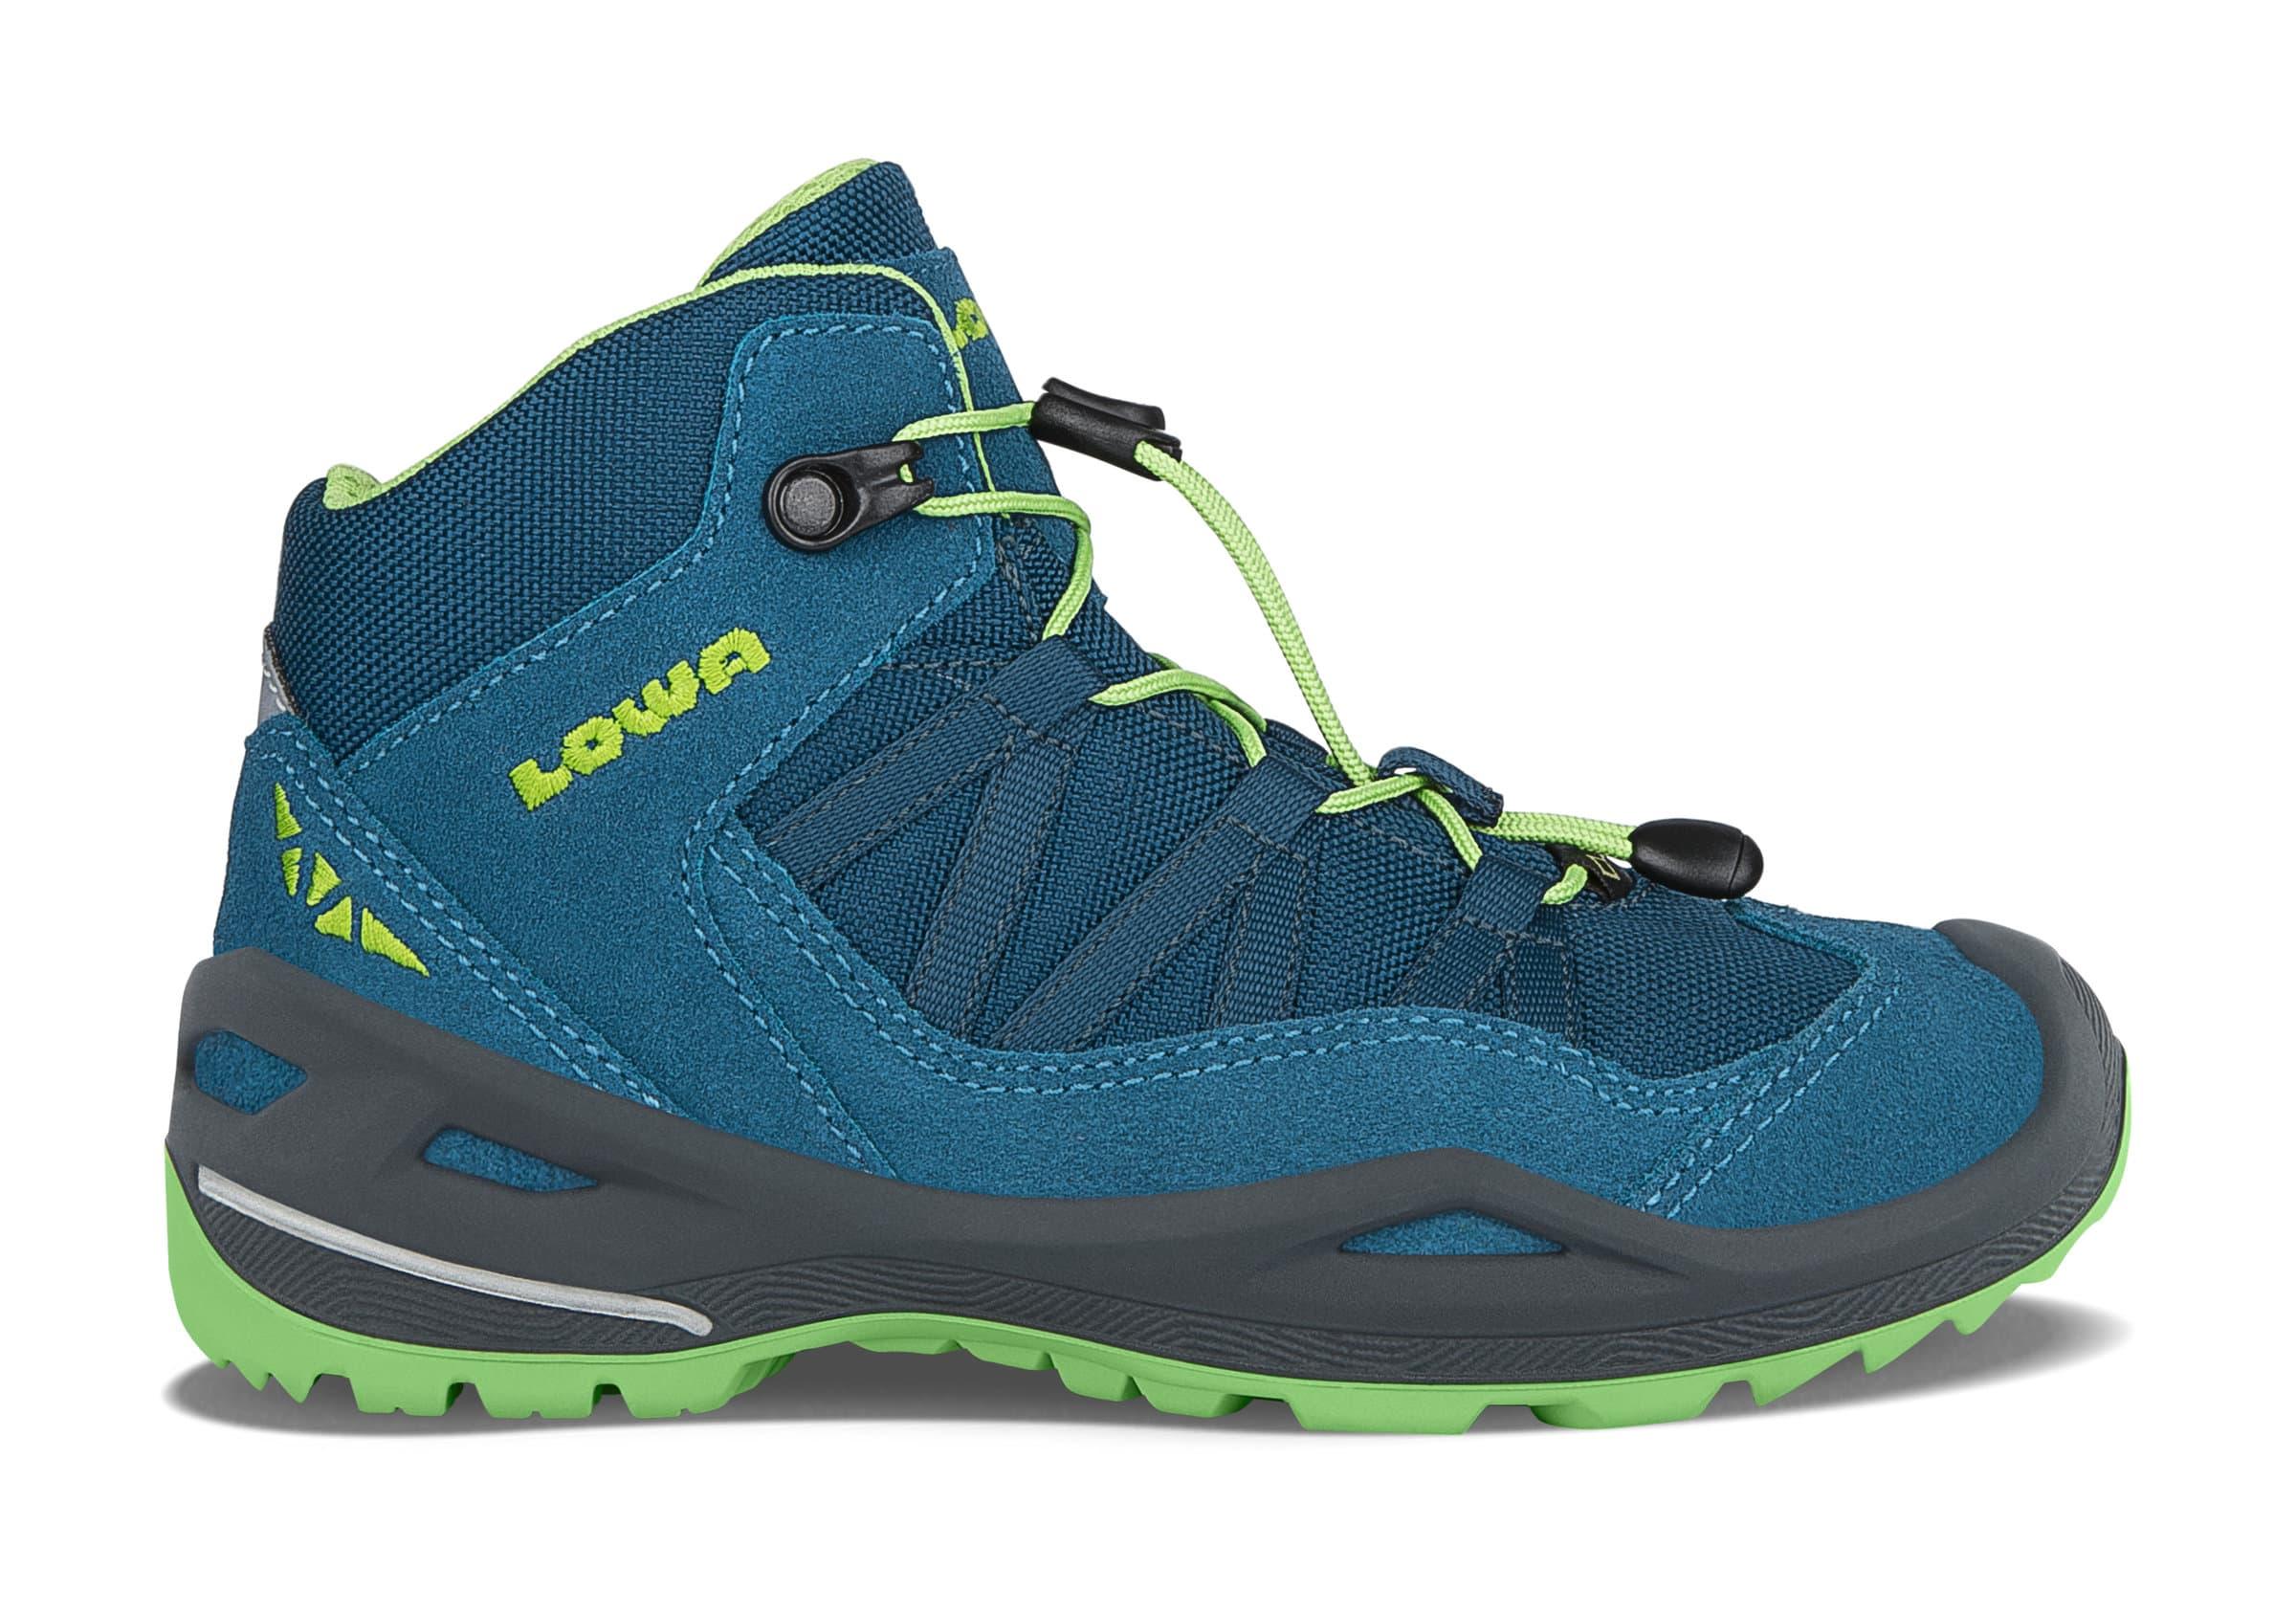 Lowa Robin GTX Qc Chaussures de randonnée pour enfant